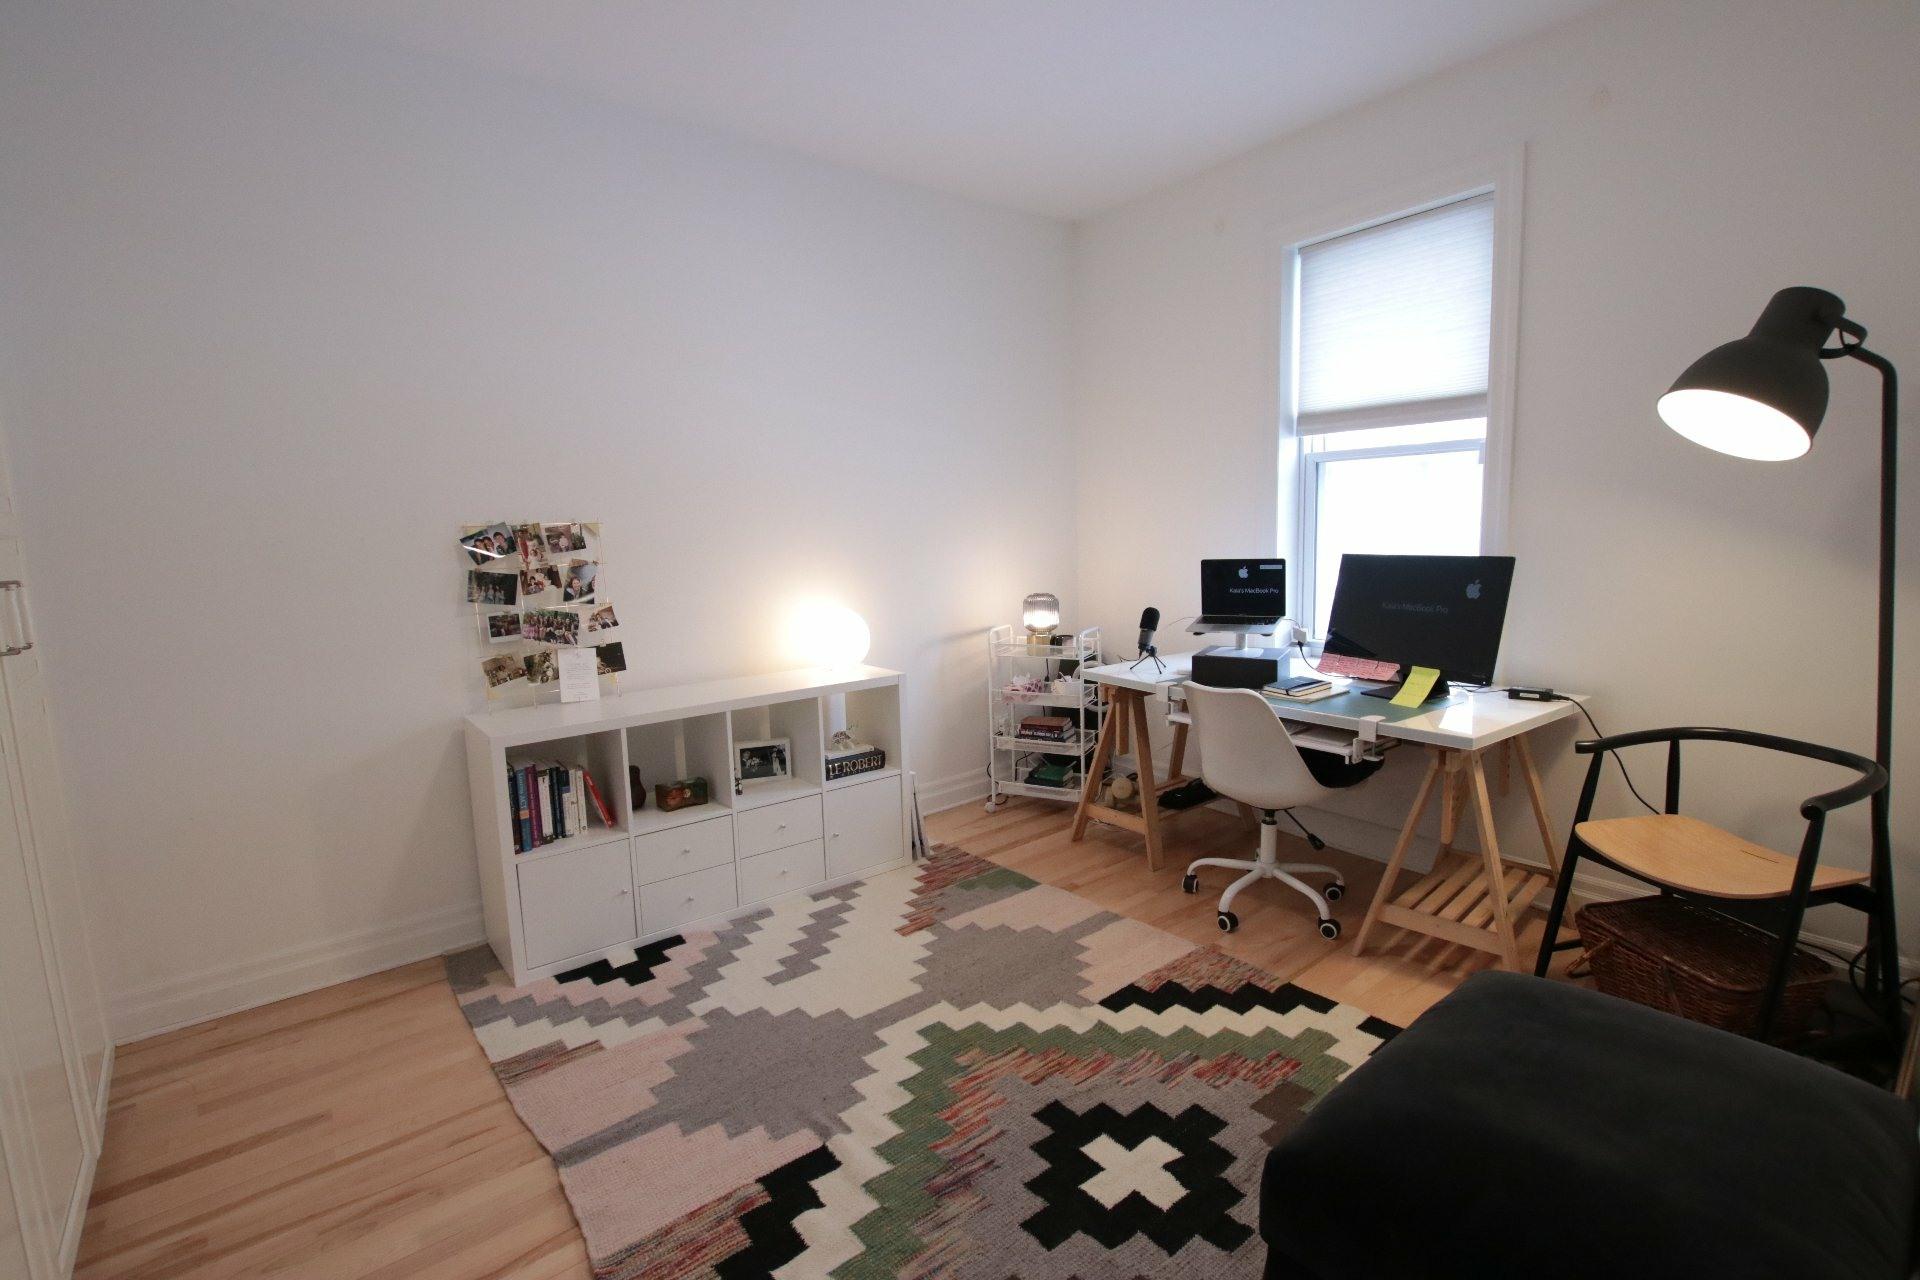 image 3 - Appartement À louer Côte-des-Neiges/Notre-Dame-de-Grâce Montréal  - 7 pièces